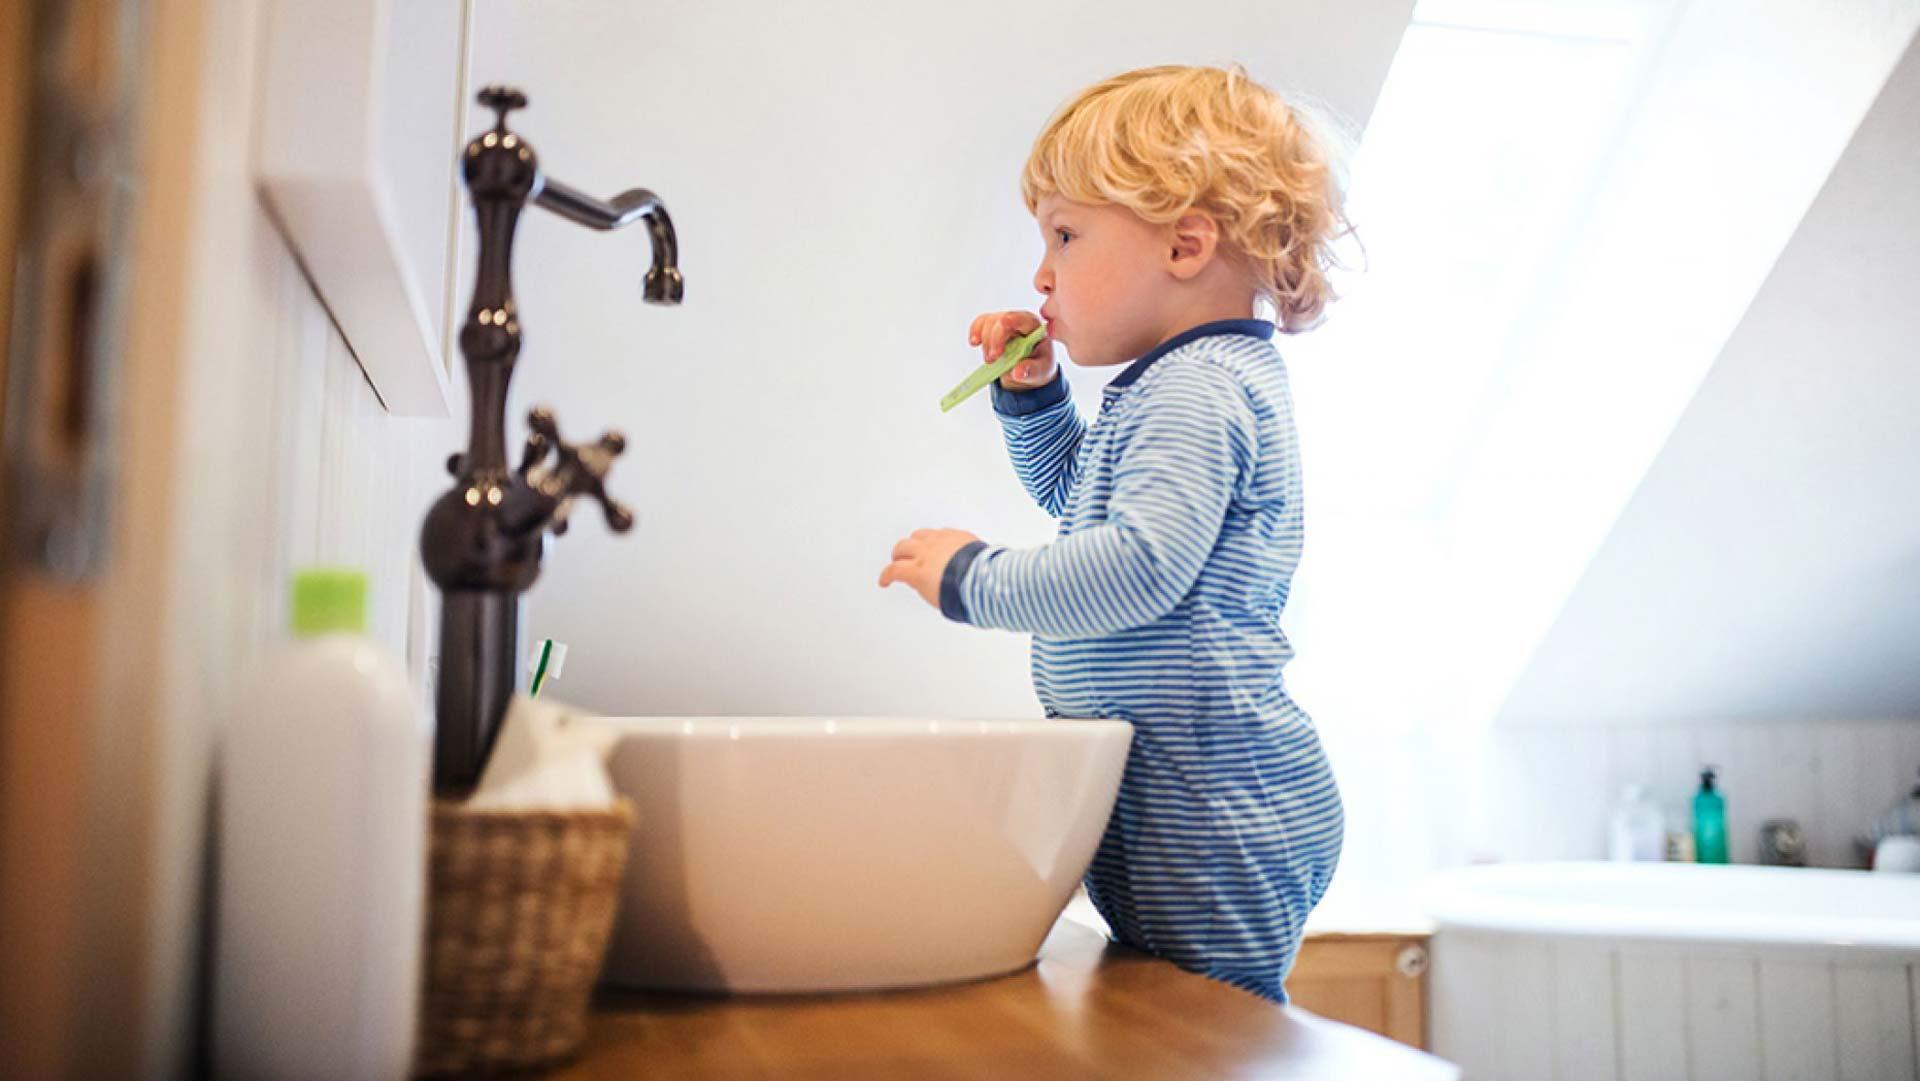 Bambino si lava i denti